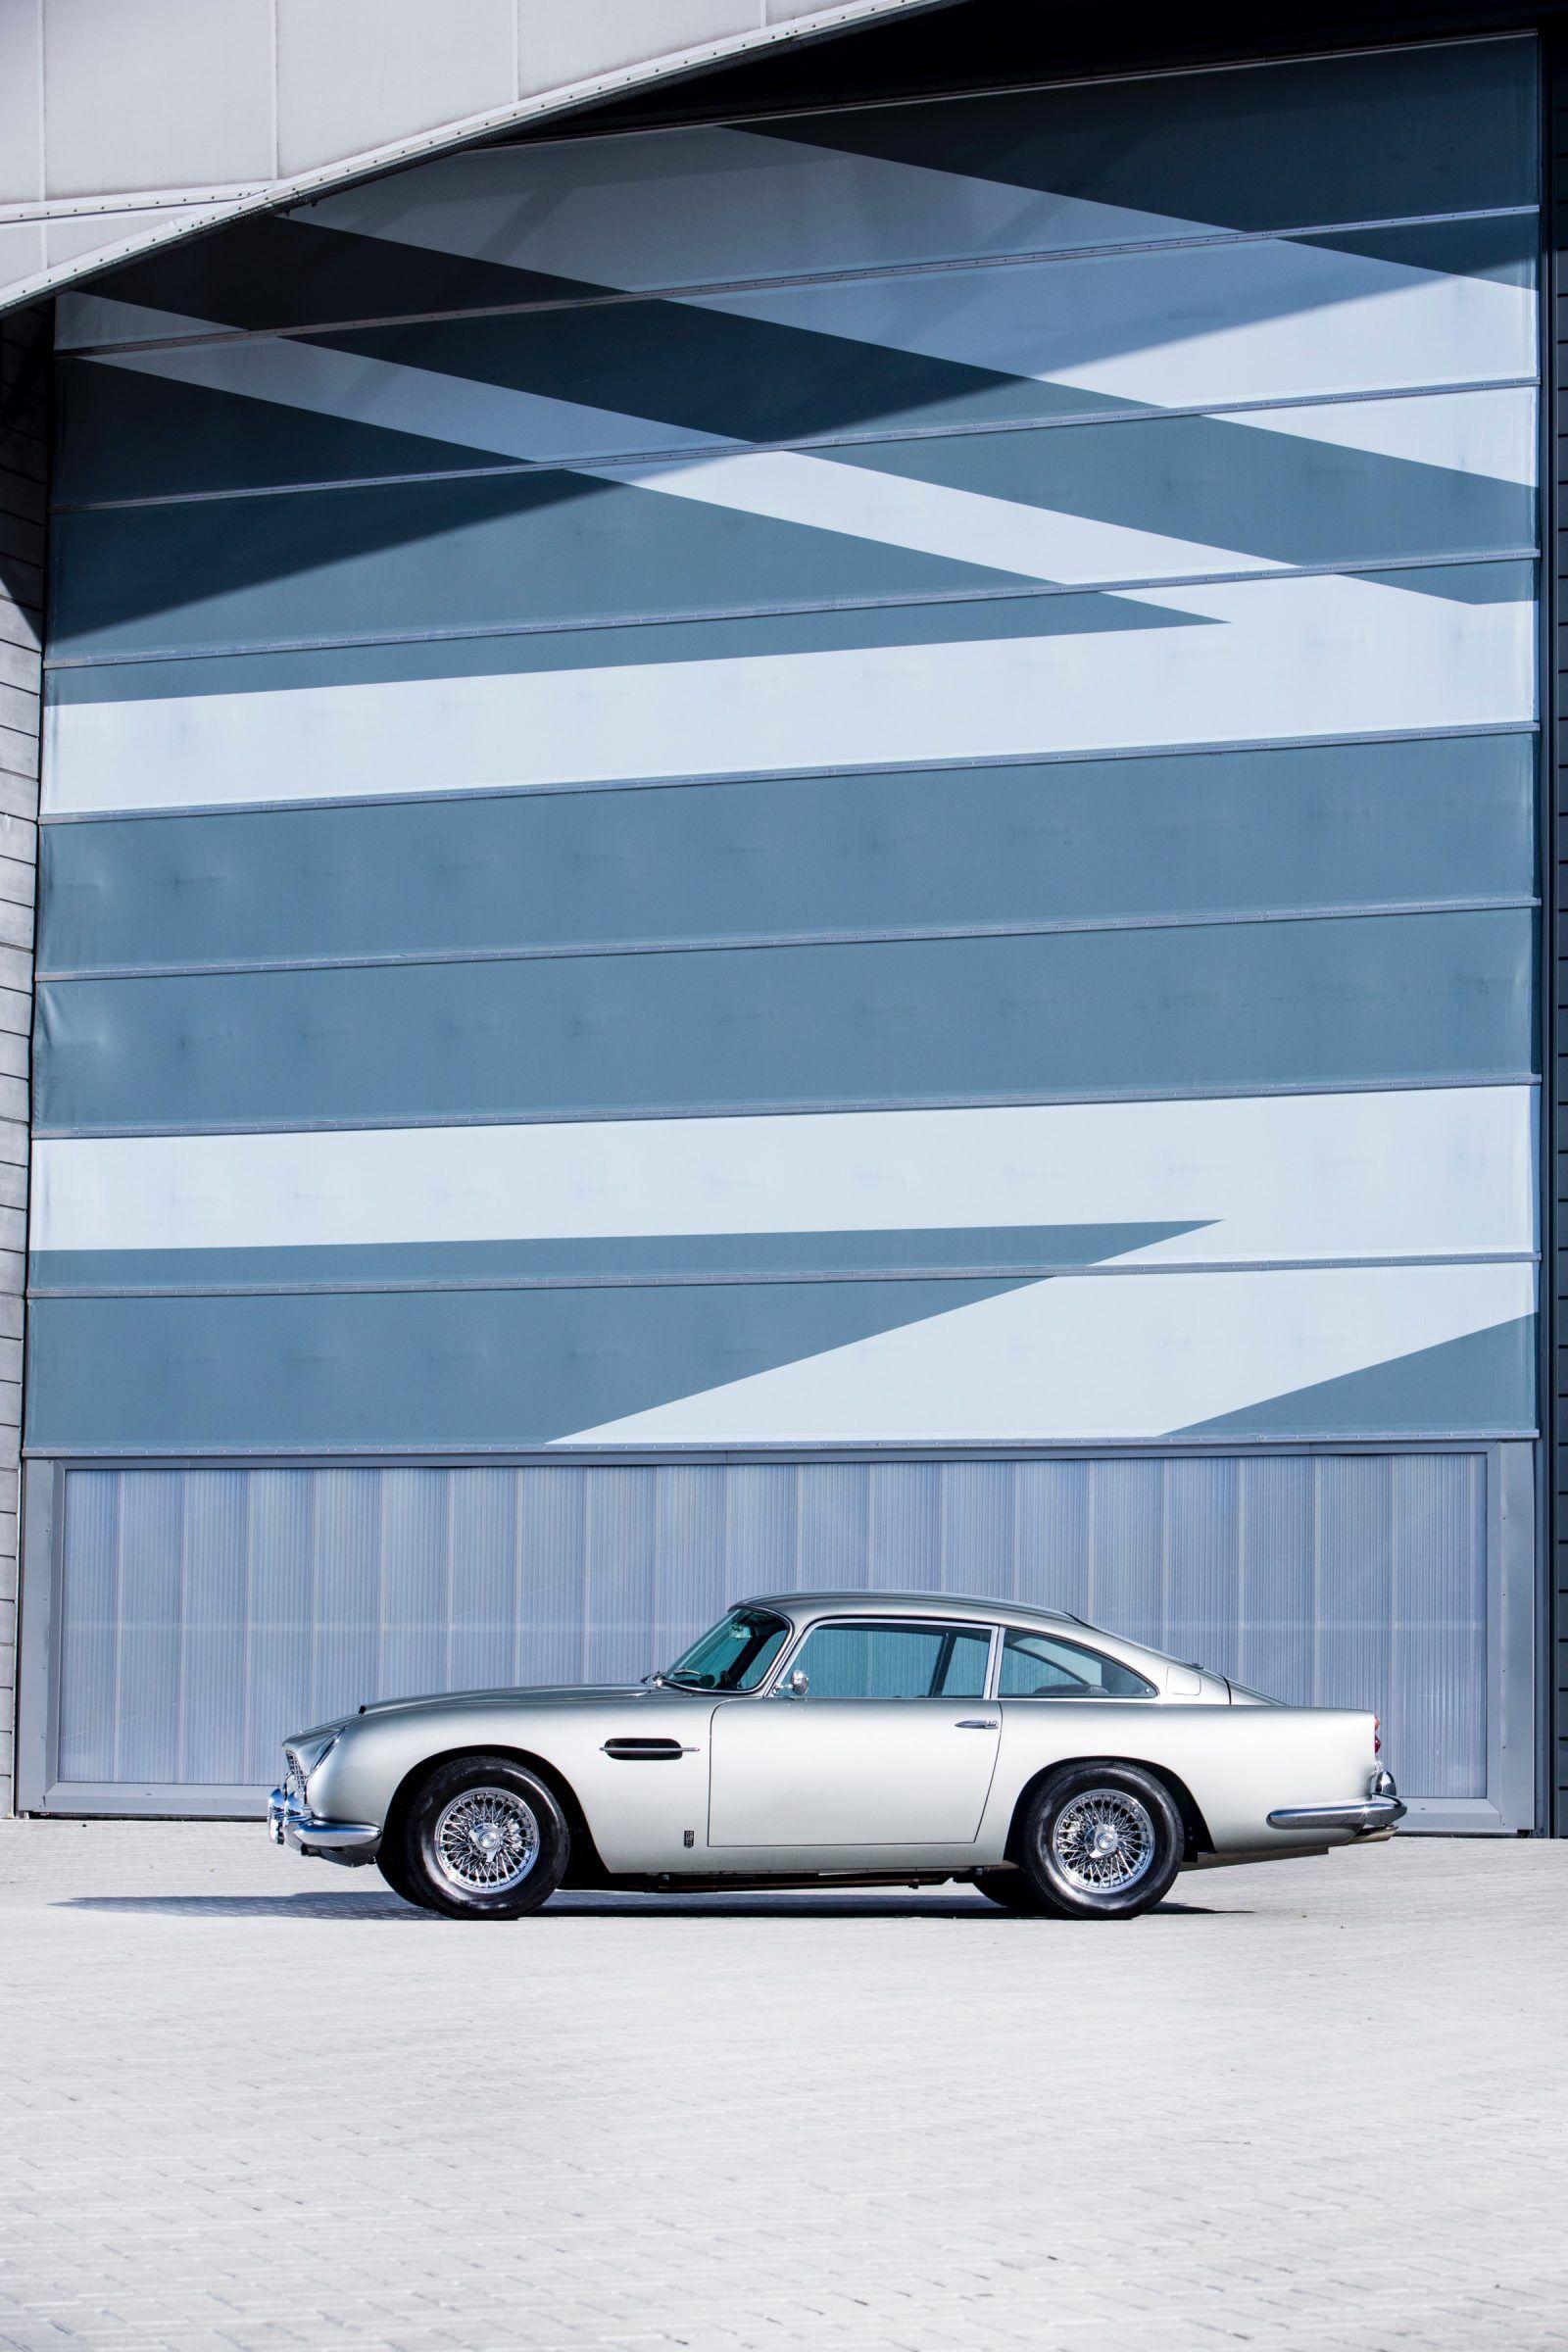 Paul McCartney s Aston Martin DB5 Auto s Pinterest